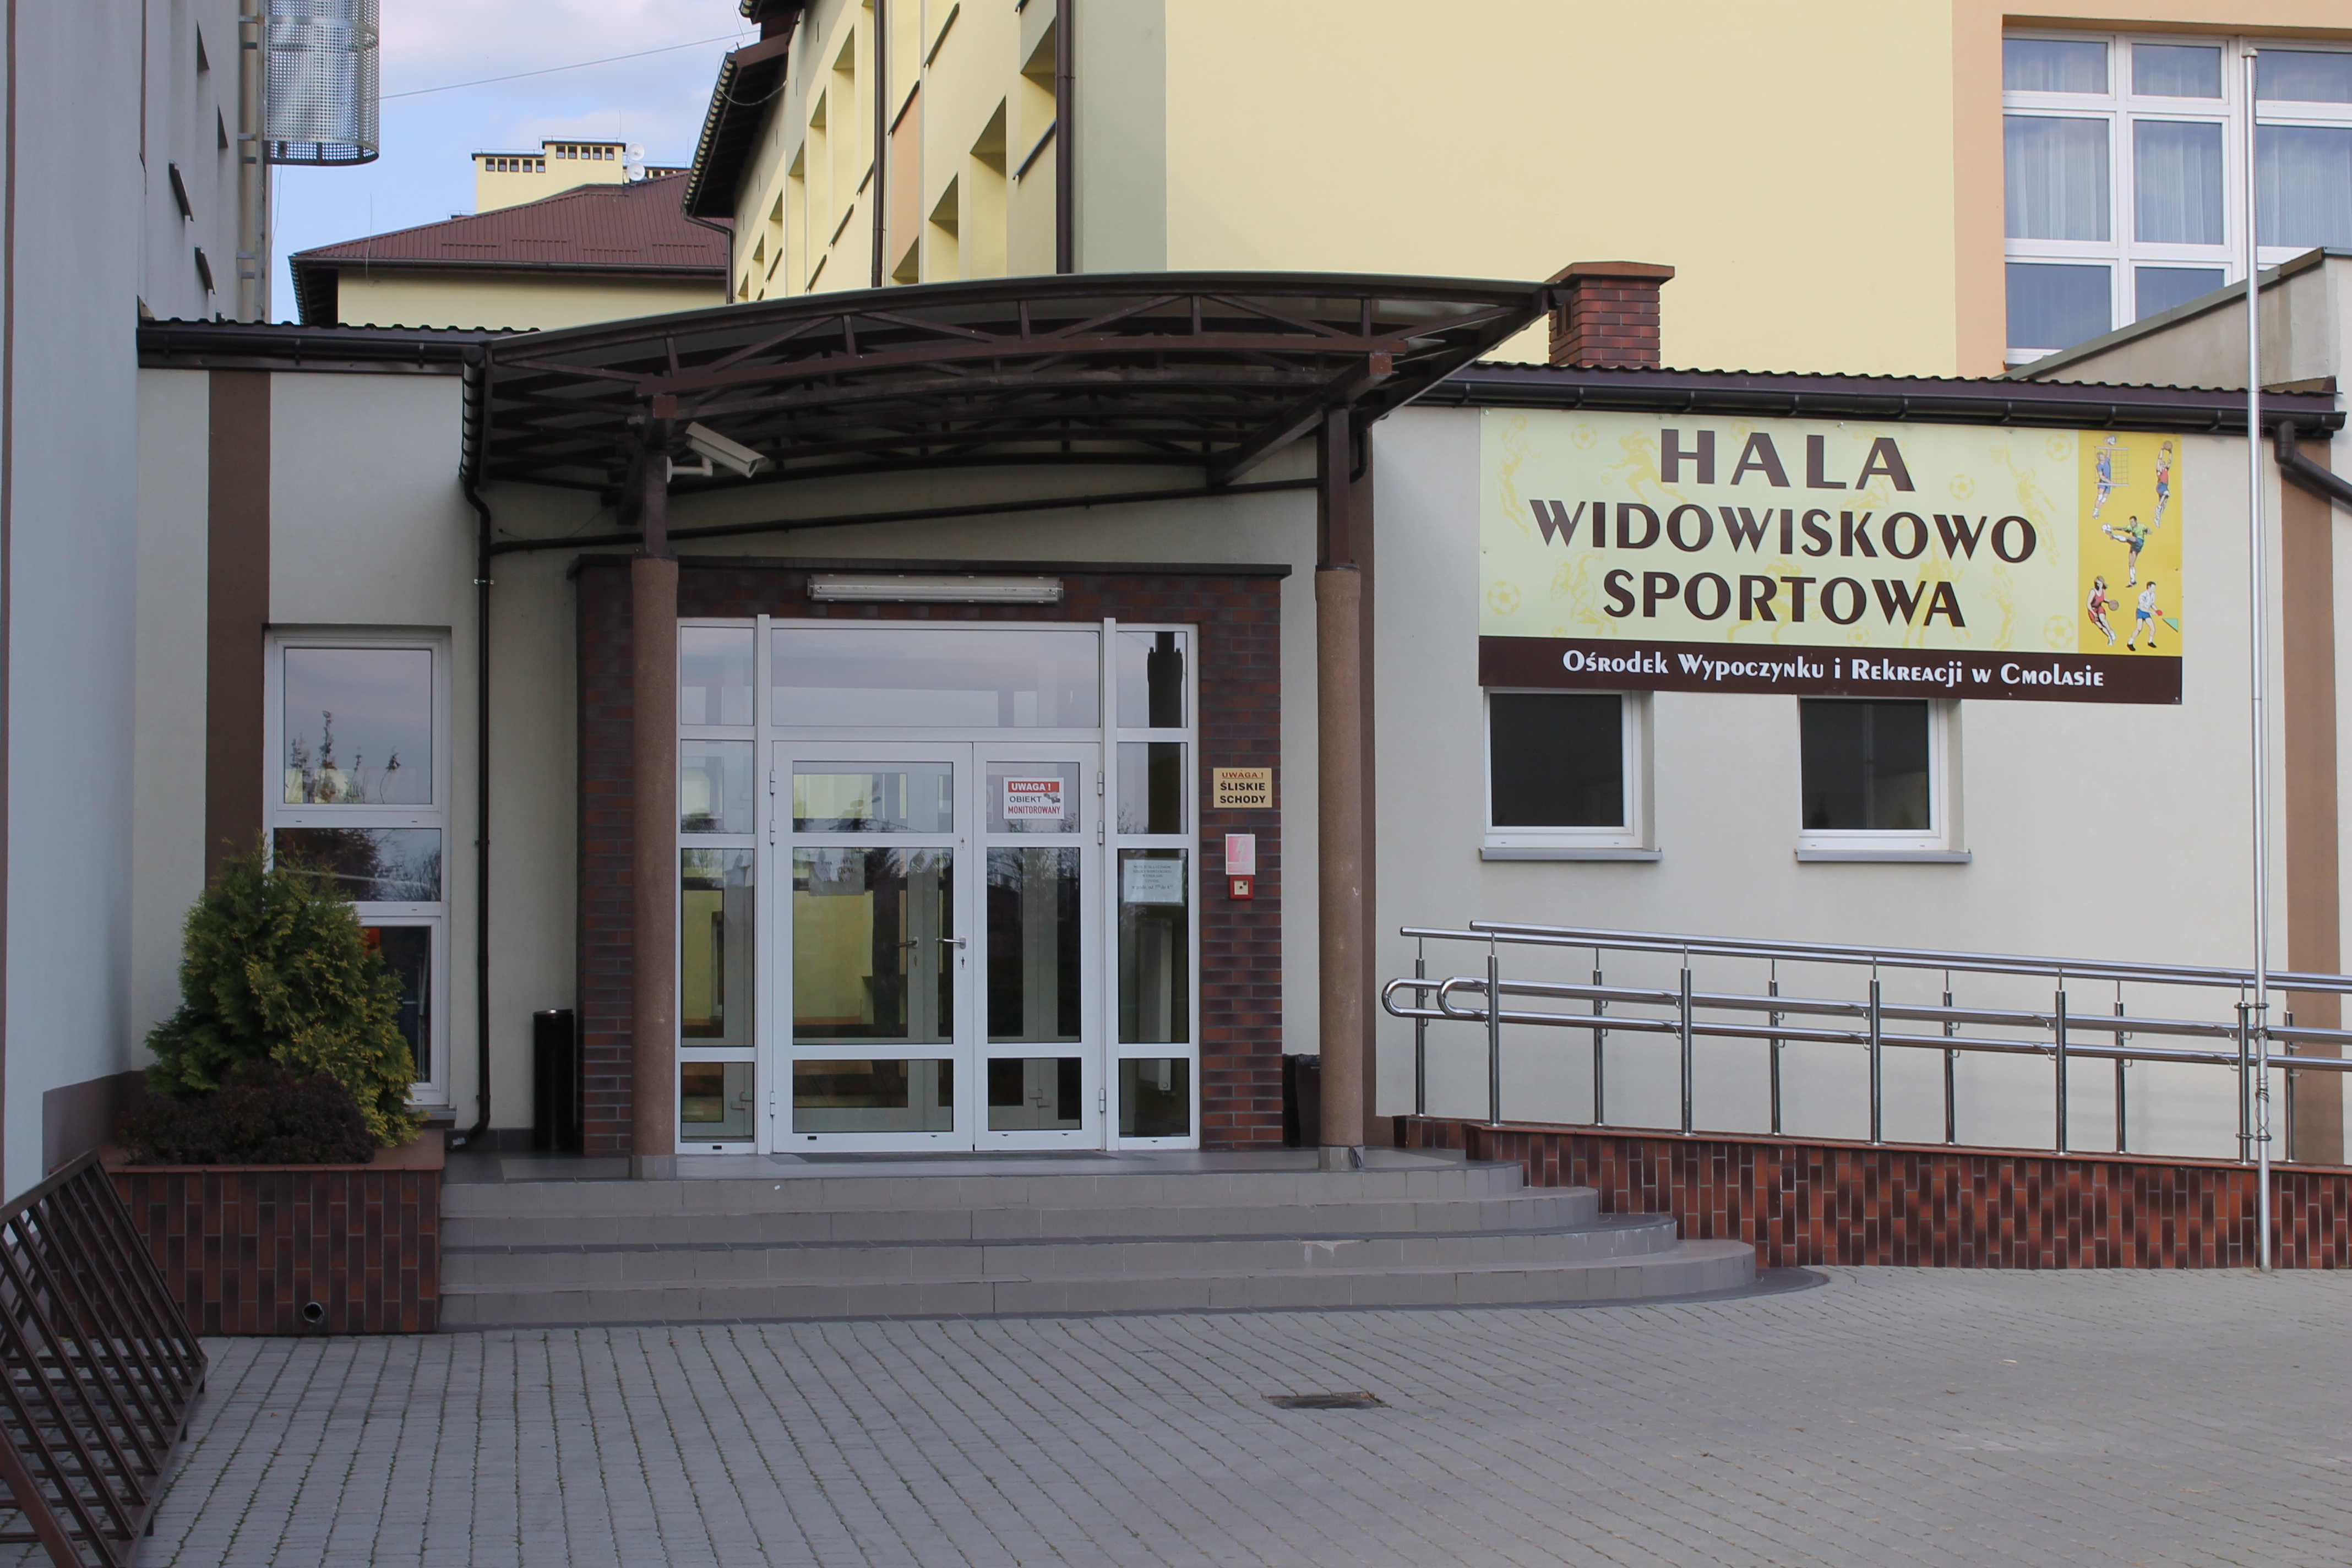 Eliminacje do Mistrzostw Polski odbędą się w Cmolasie  - Zdjęcie główne